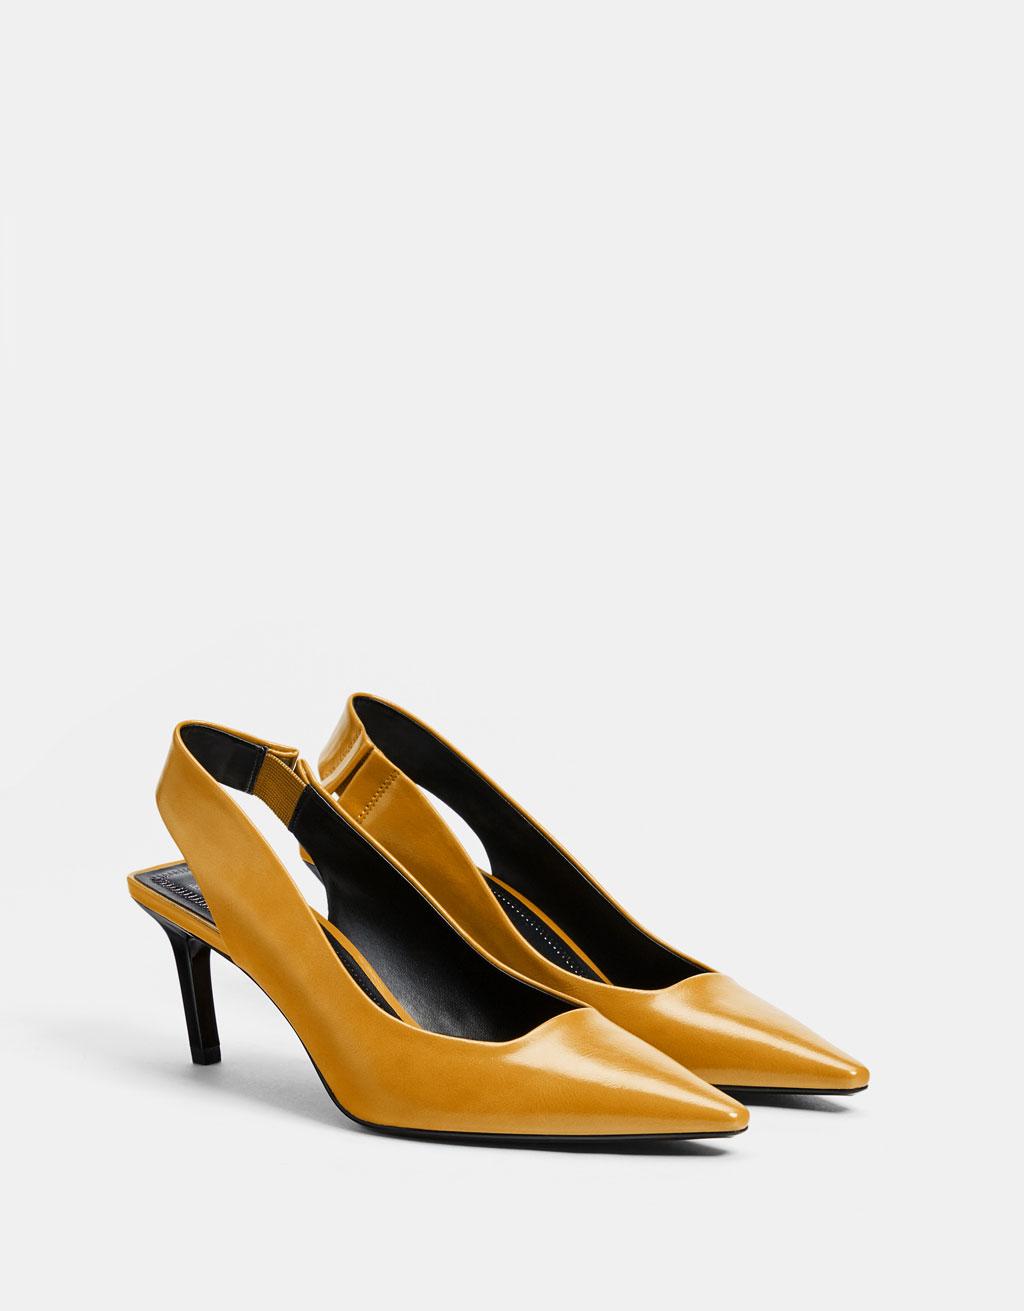 Sapatos Bershka, 25,99 euros